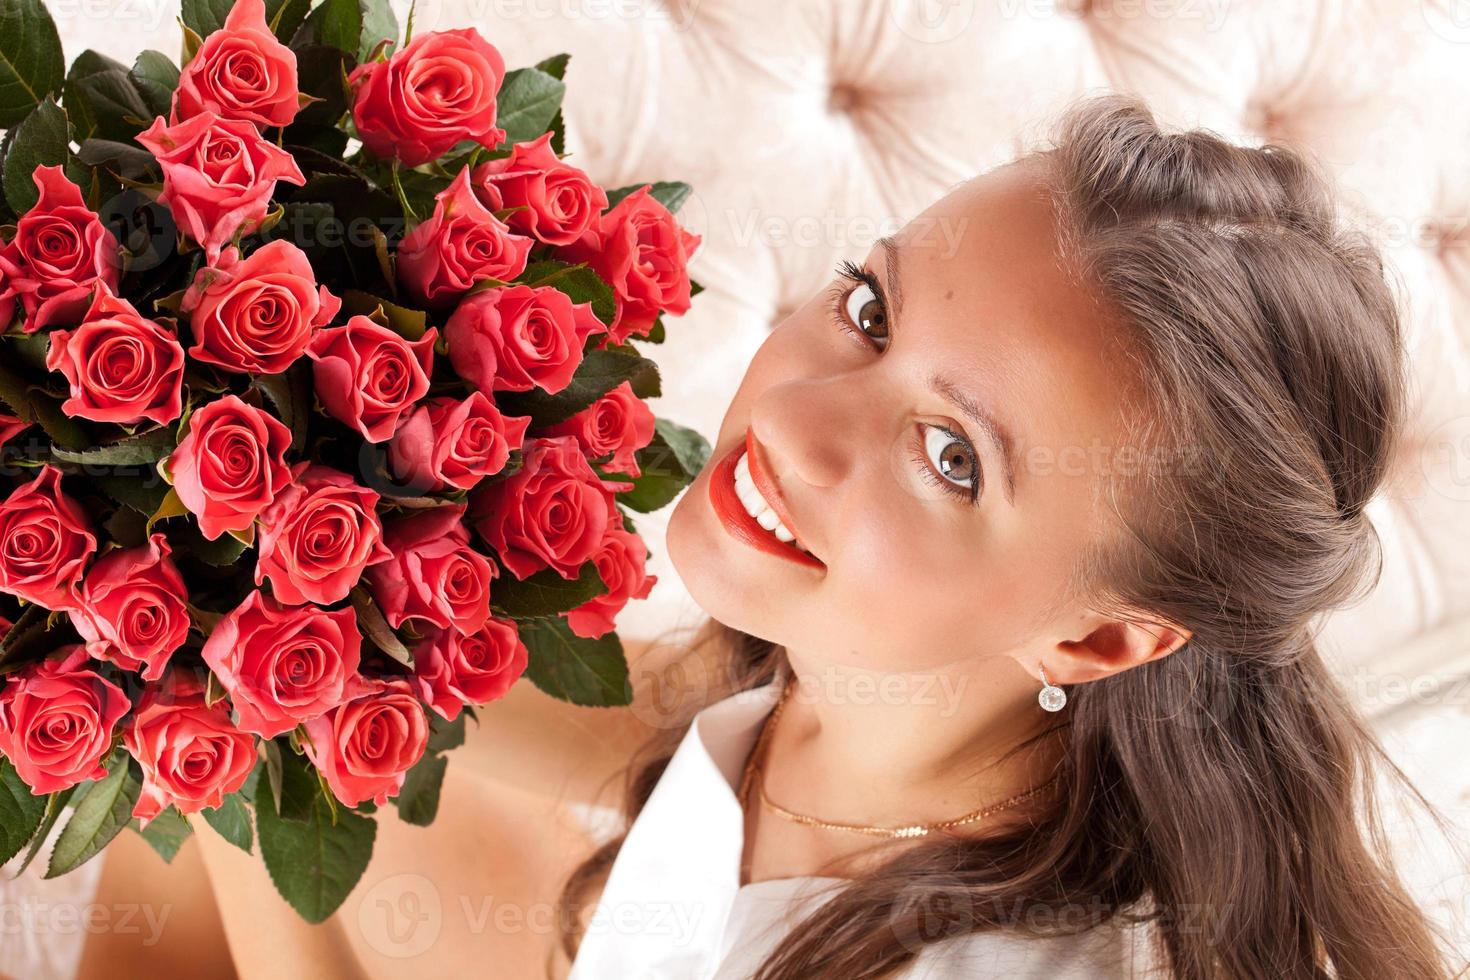 belle femme avec un bouquet de roses photo